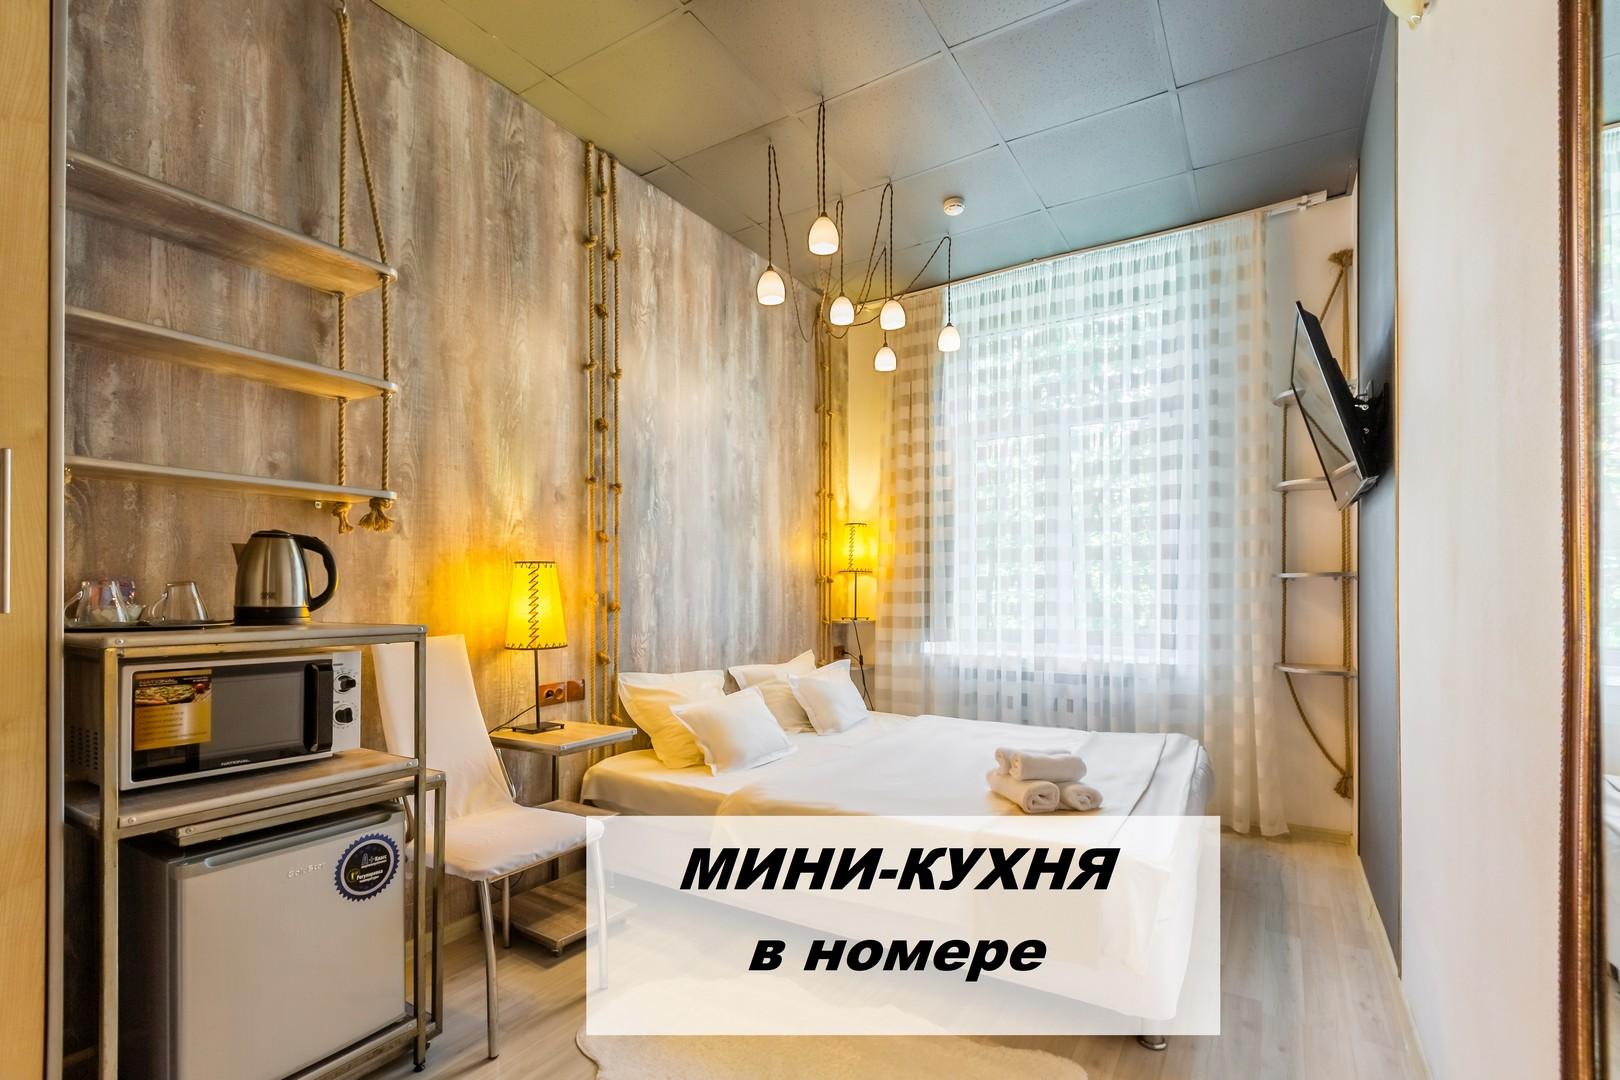 Отель Ананас - фотогалерея